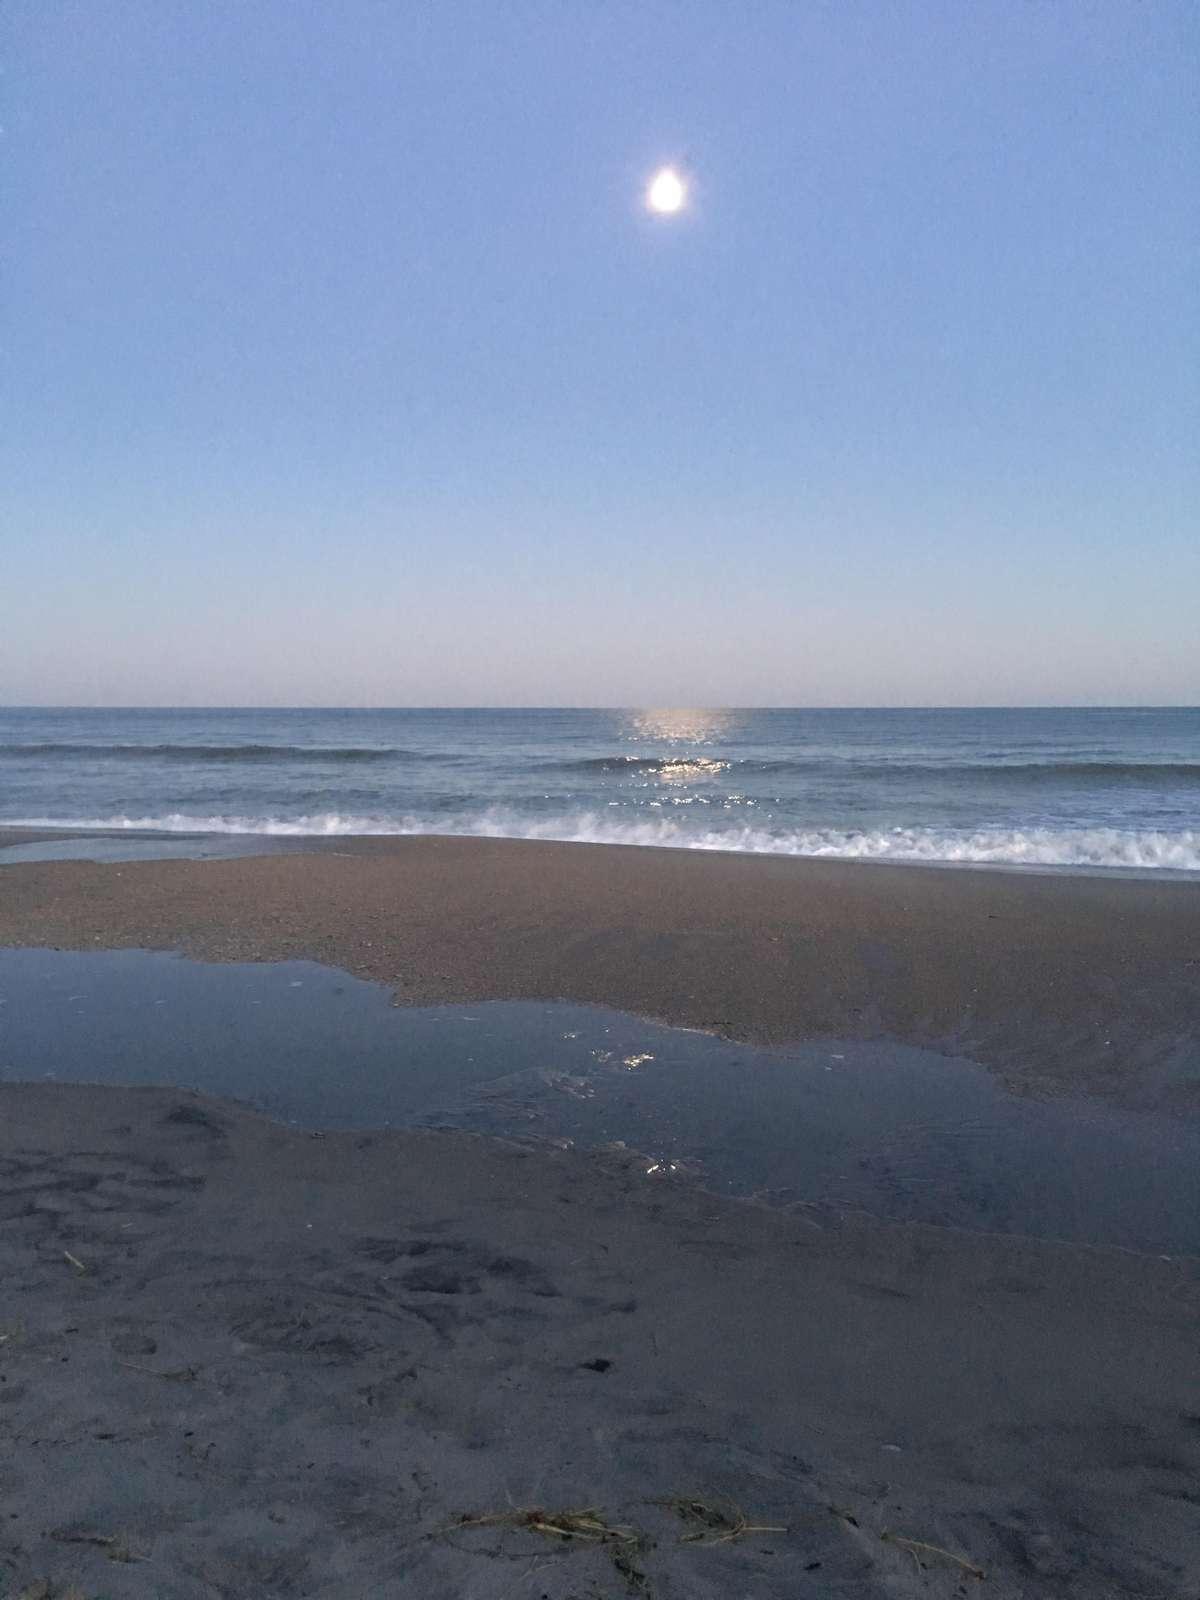 Beautiful ocean shoot of the moon